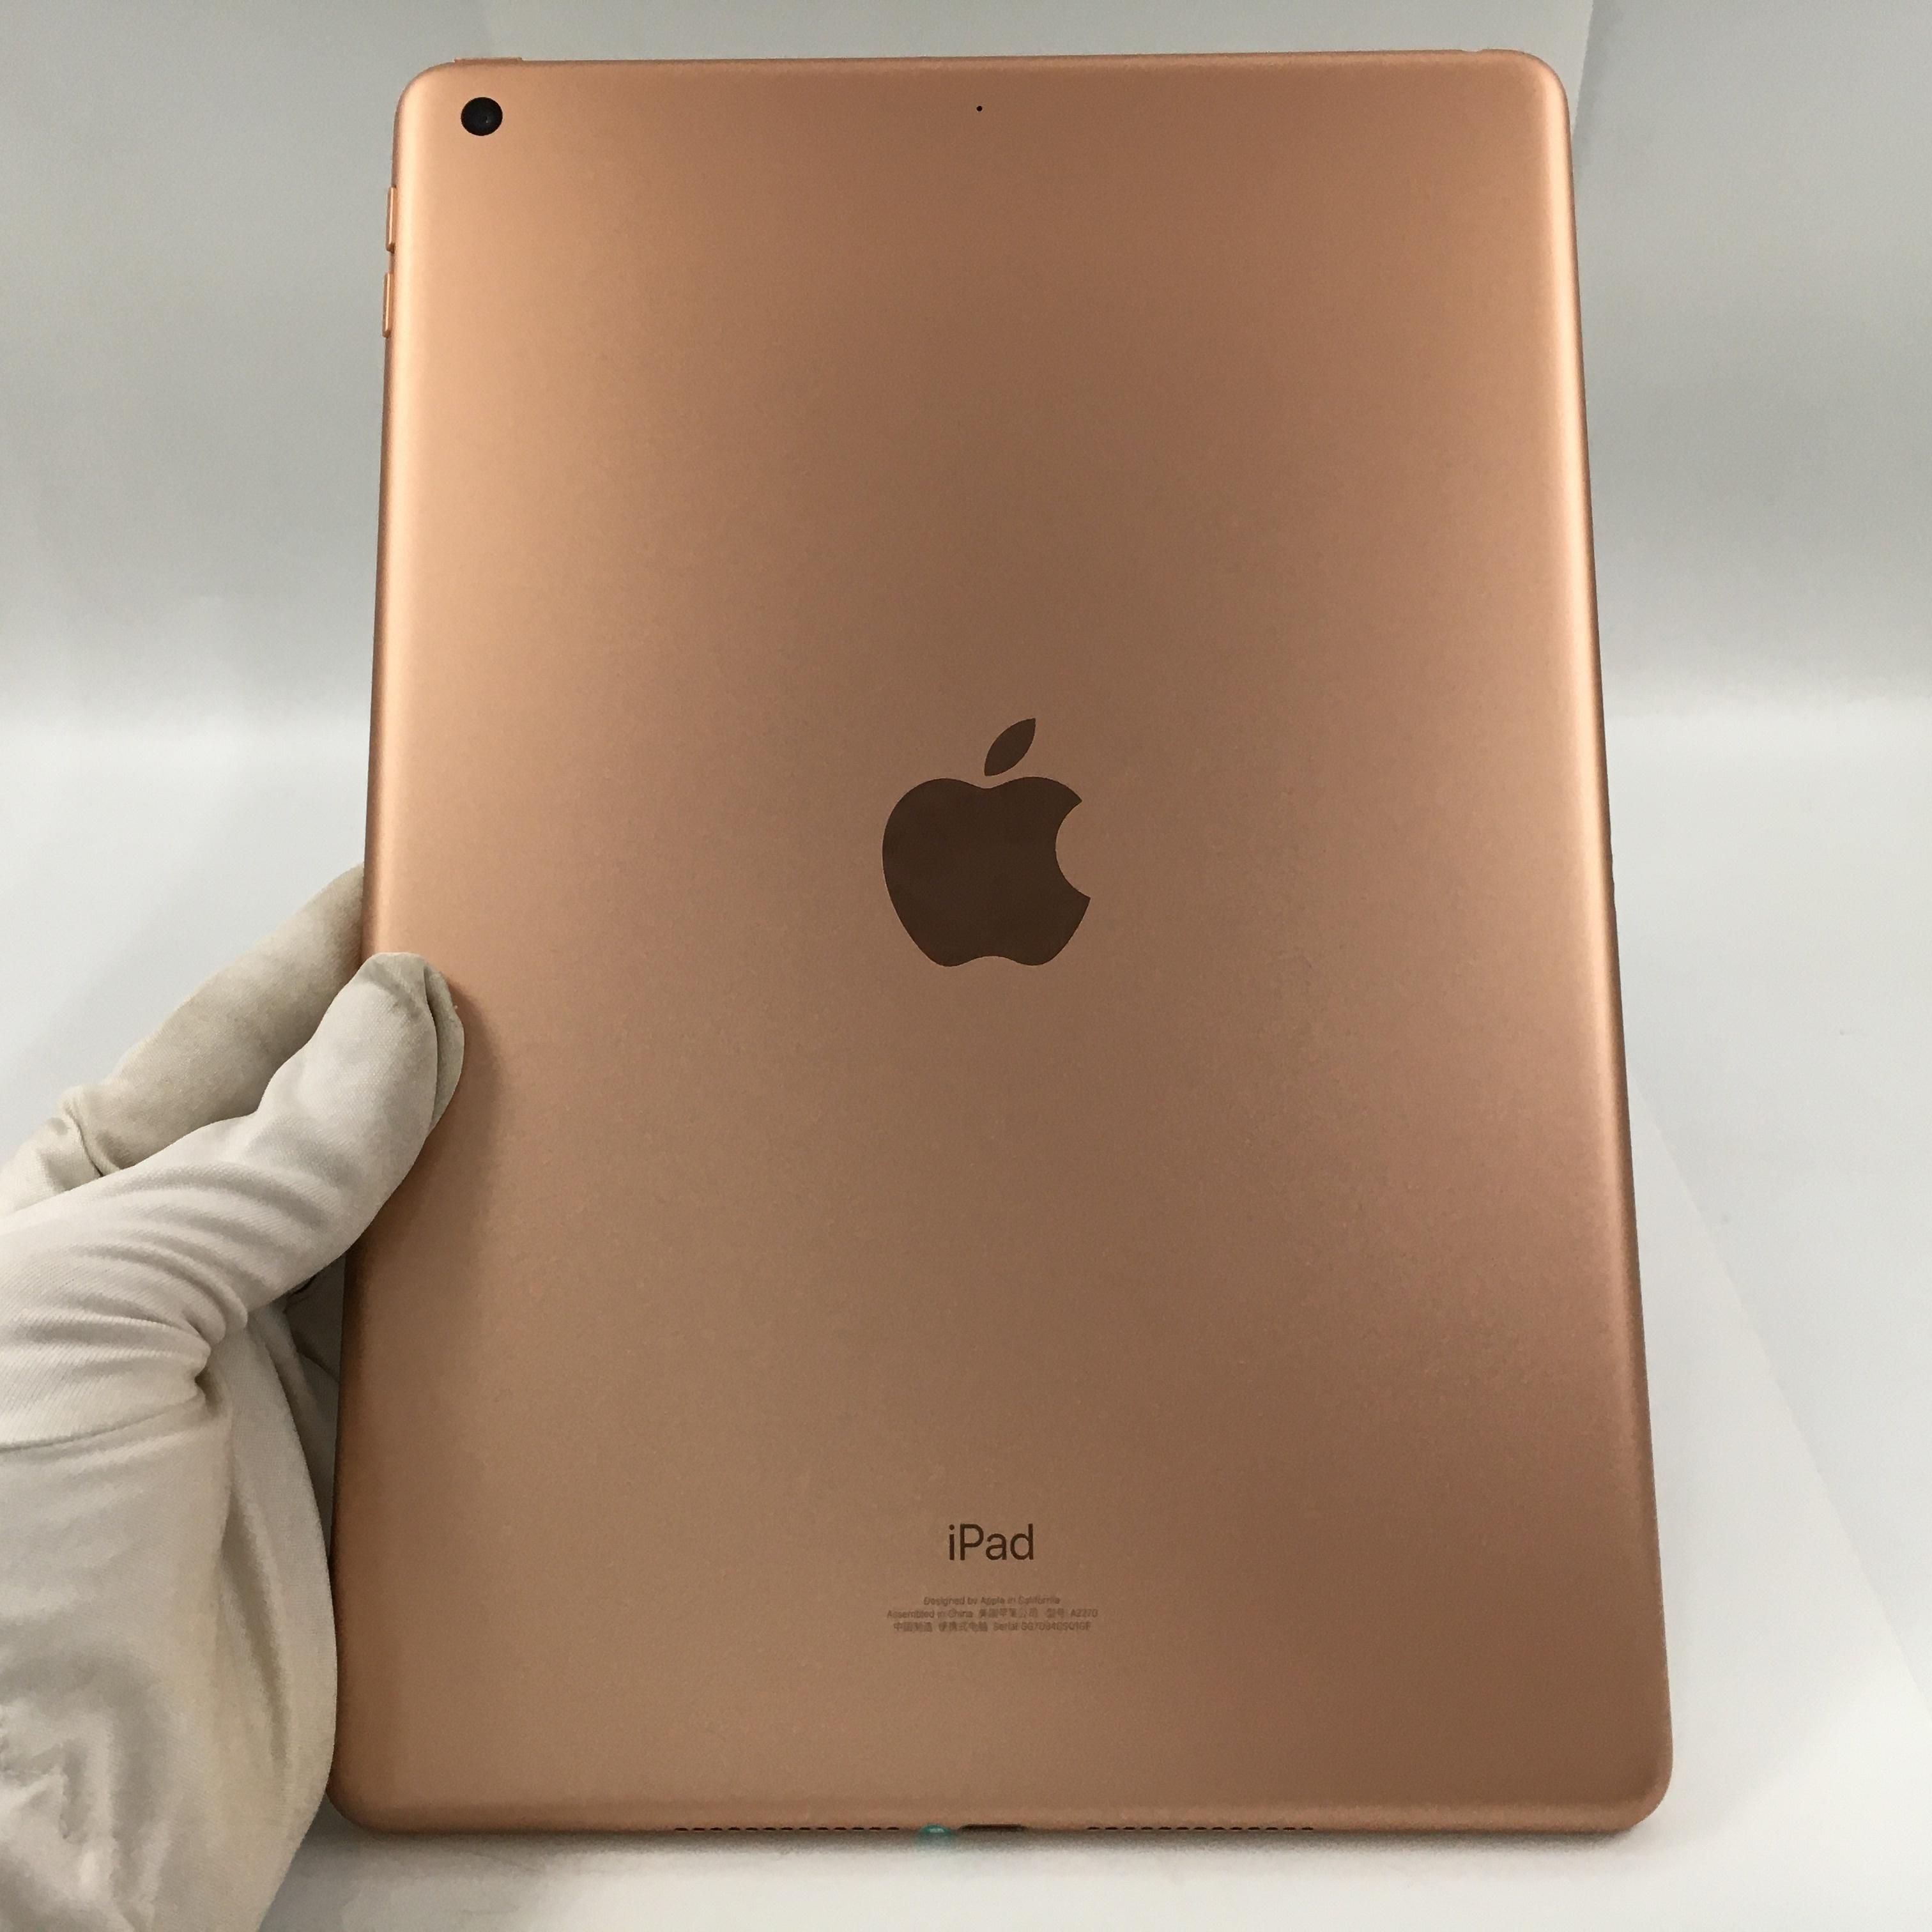 苹果【iPad8 10.2英寸 20款】WIFI版 金色 32G 国行 99新